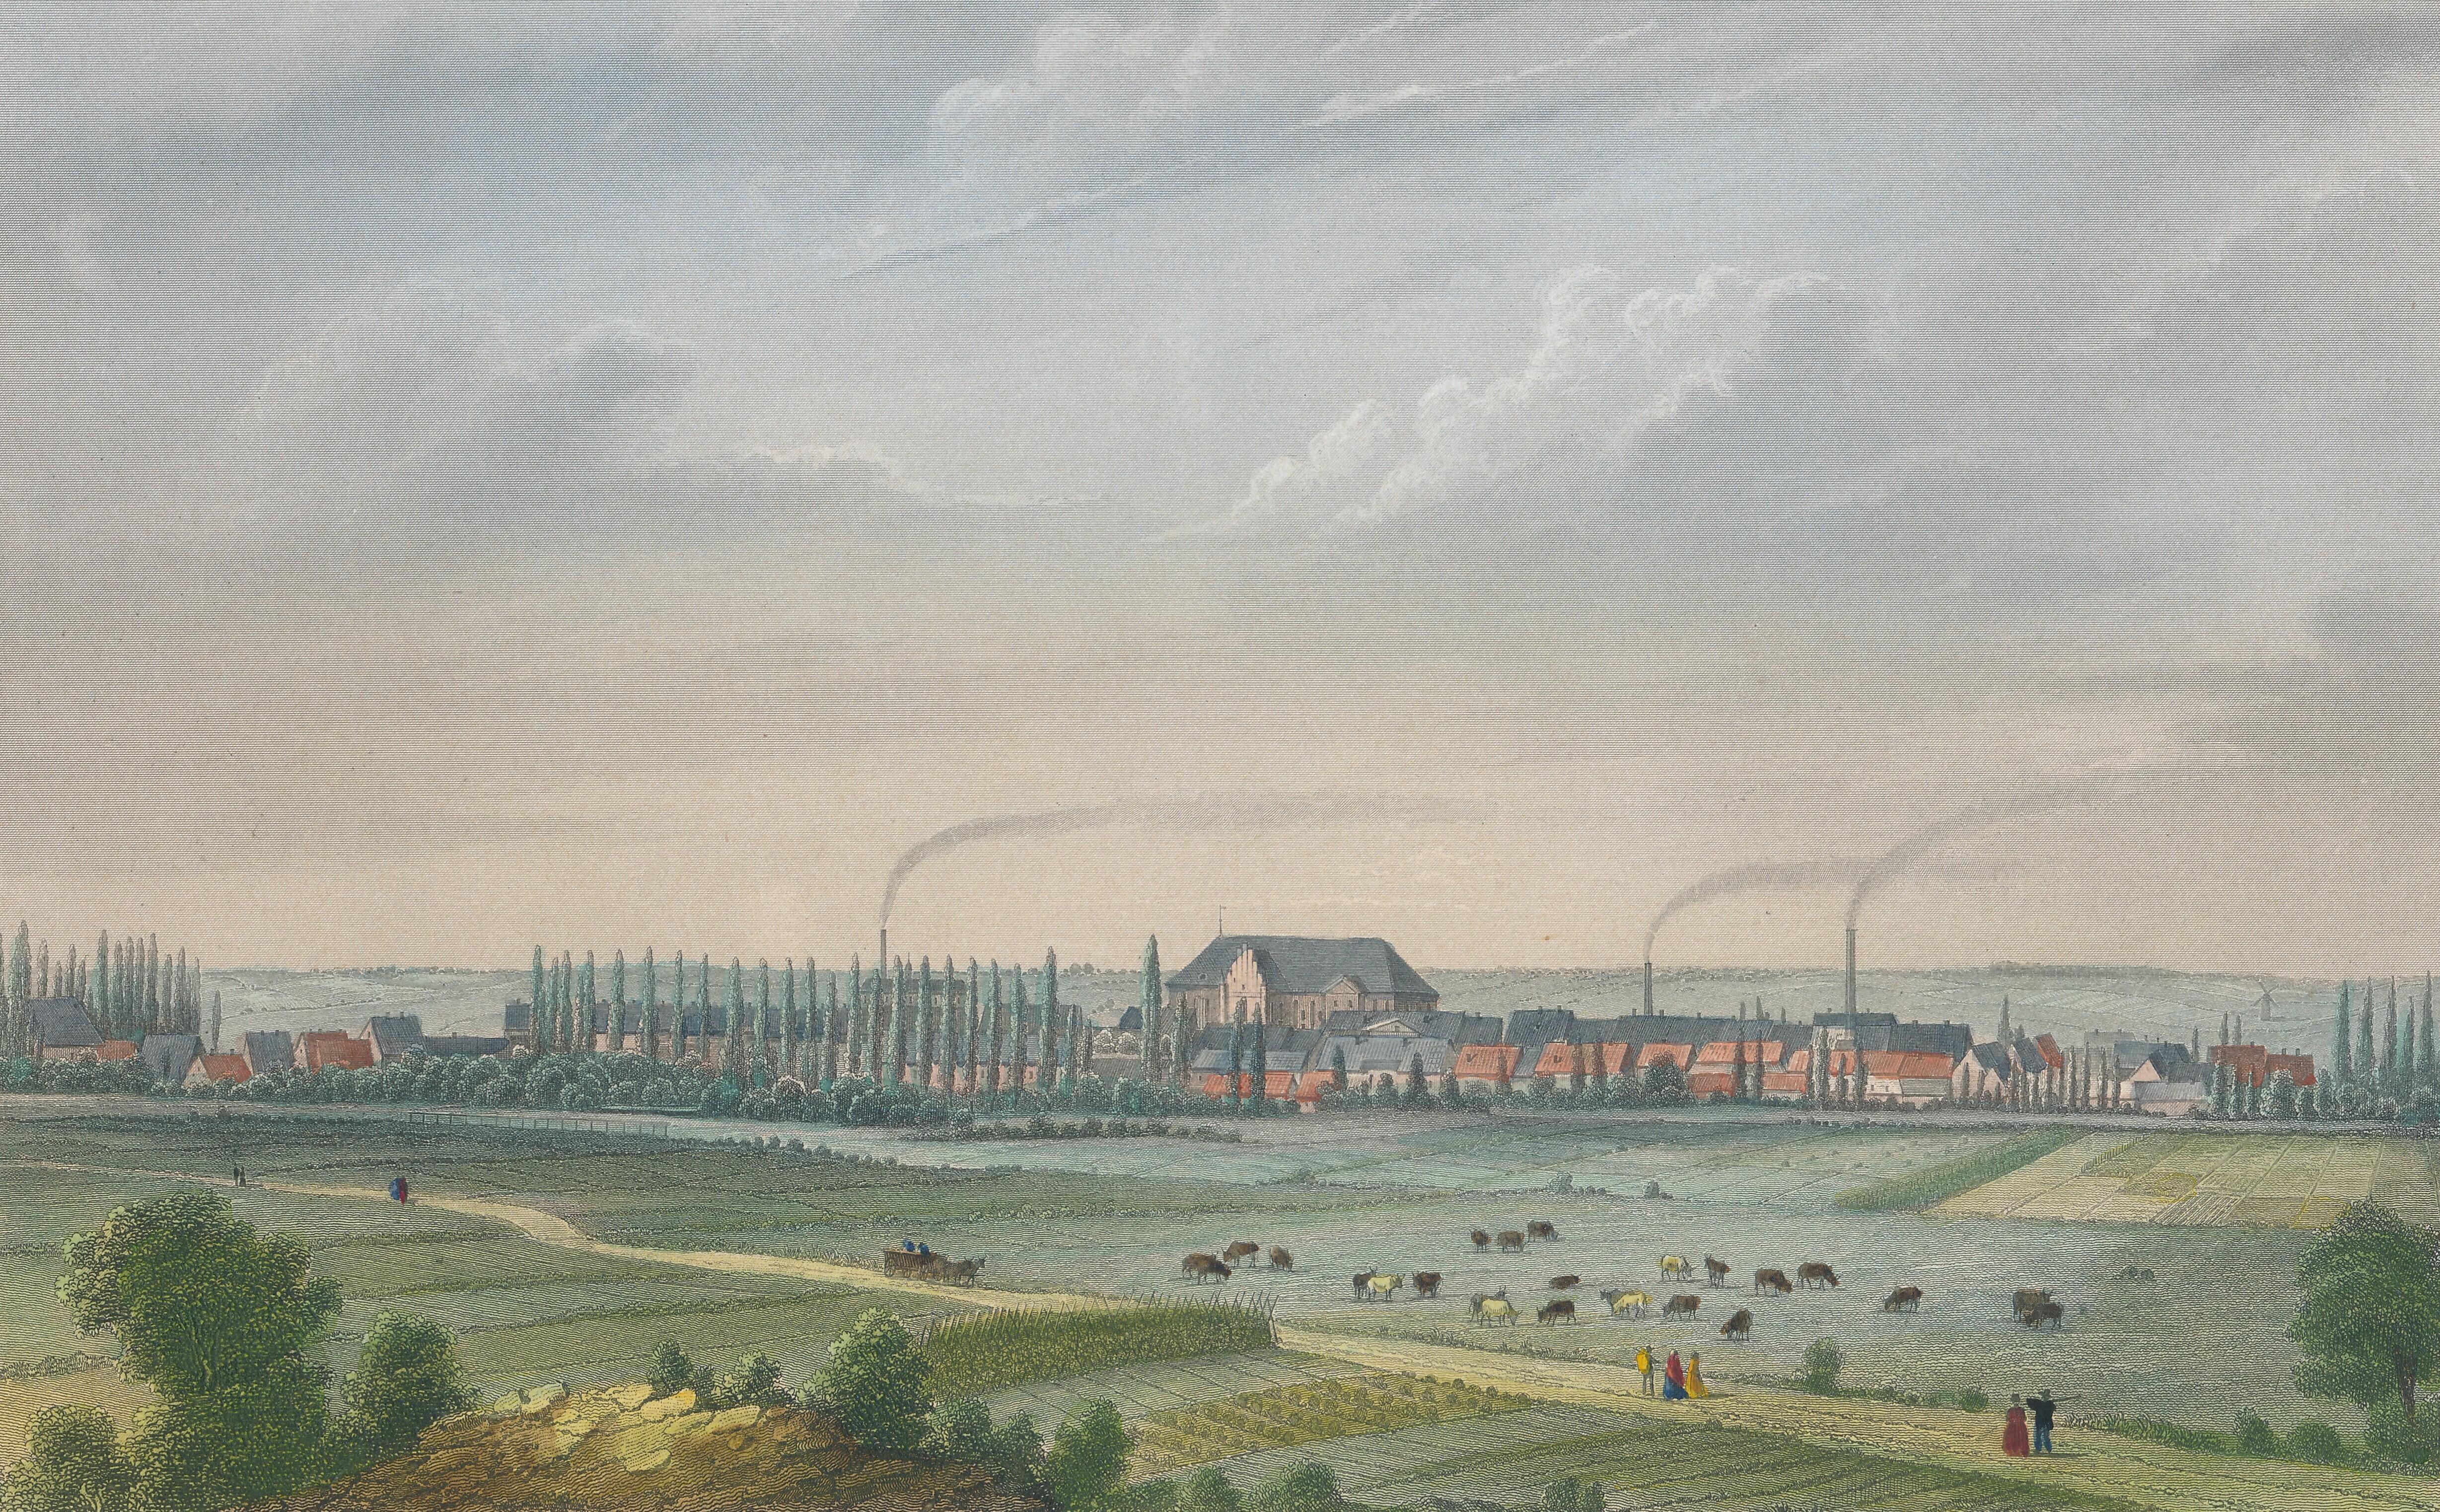 Skyline mit Schornsteinen: Der Stich von 1858 zeigt Pritzwalk in der Industrialisierung. Quelle: Museumsfabrik